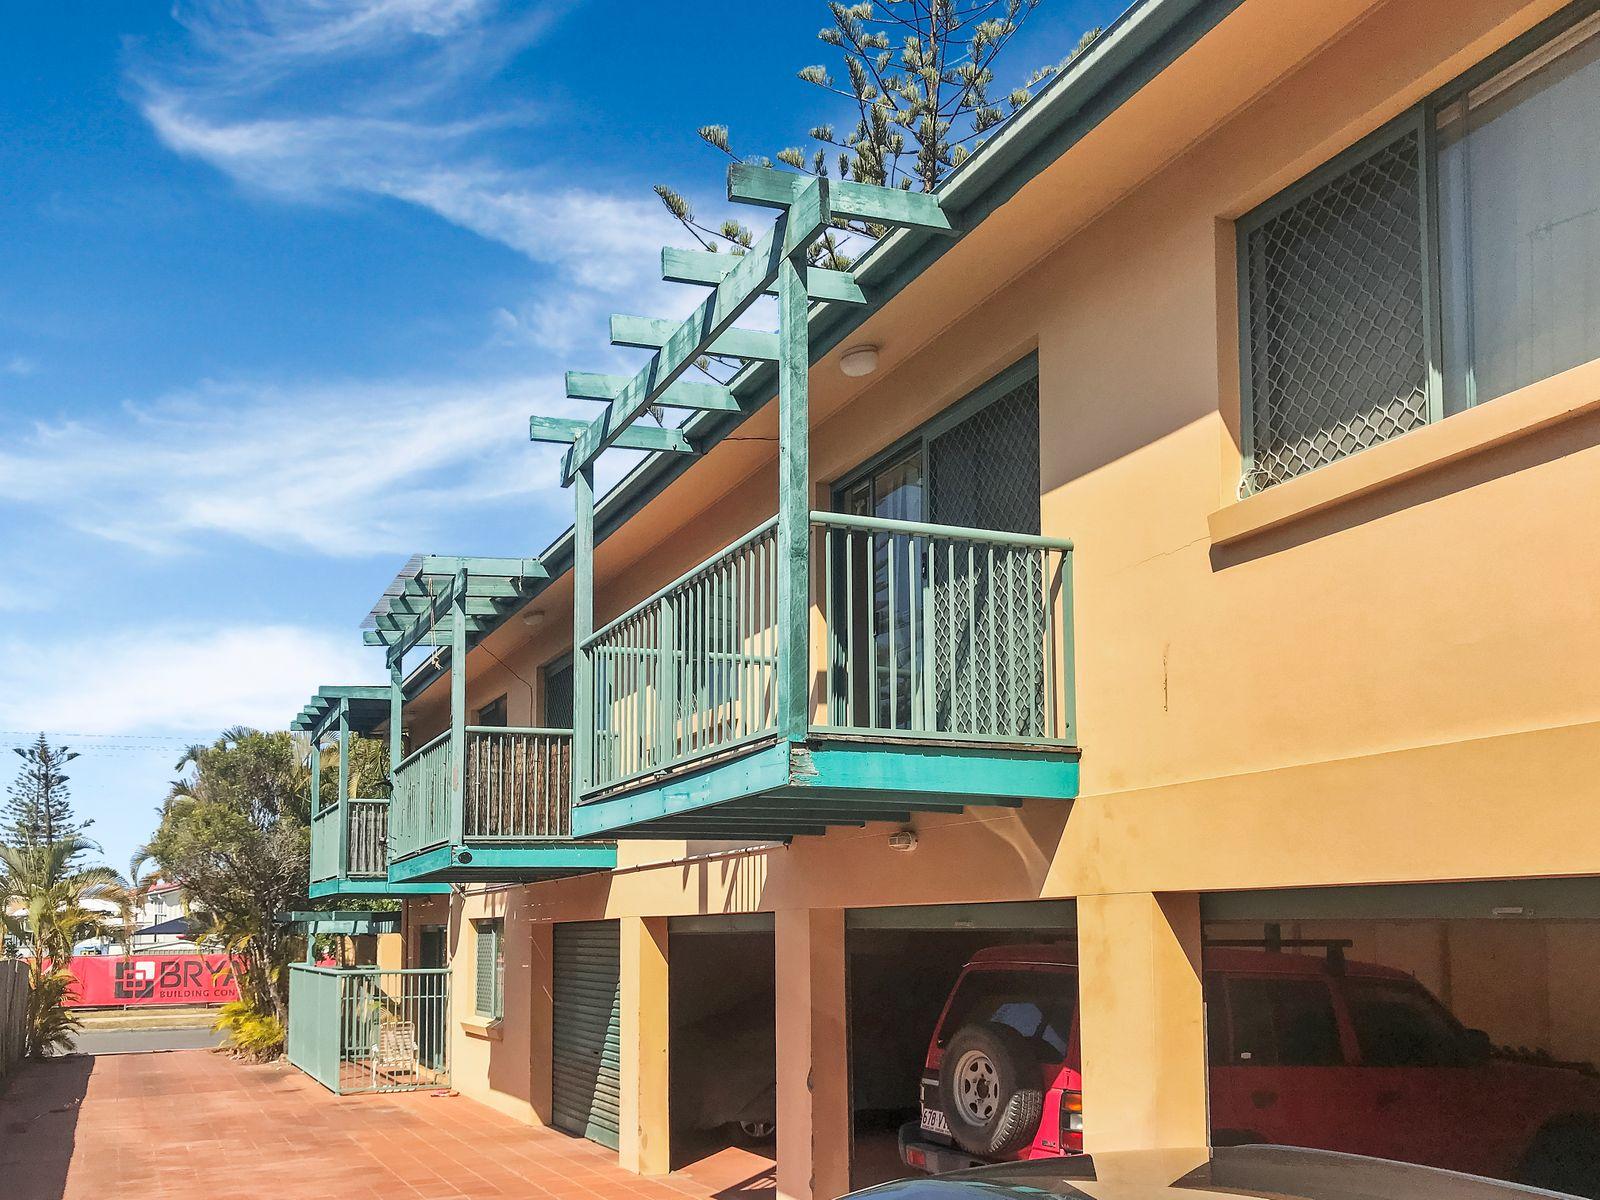 3/12 MARY AVENUE, Broadbeach, QLD 4218